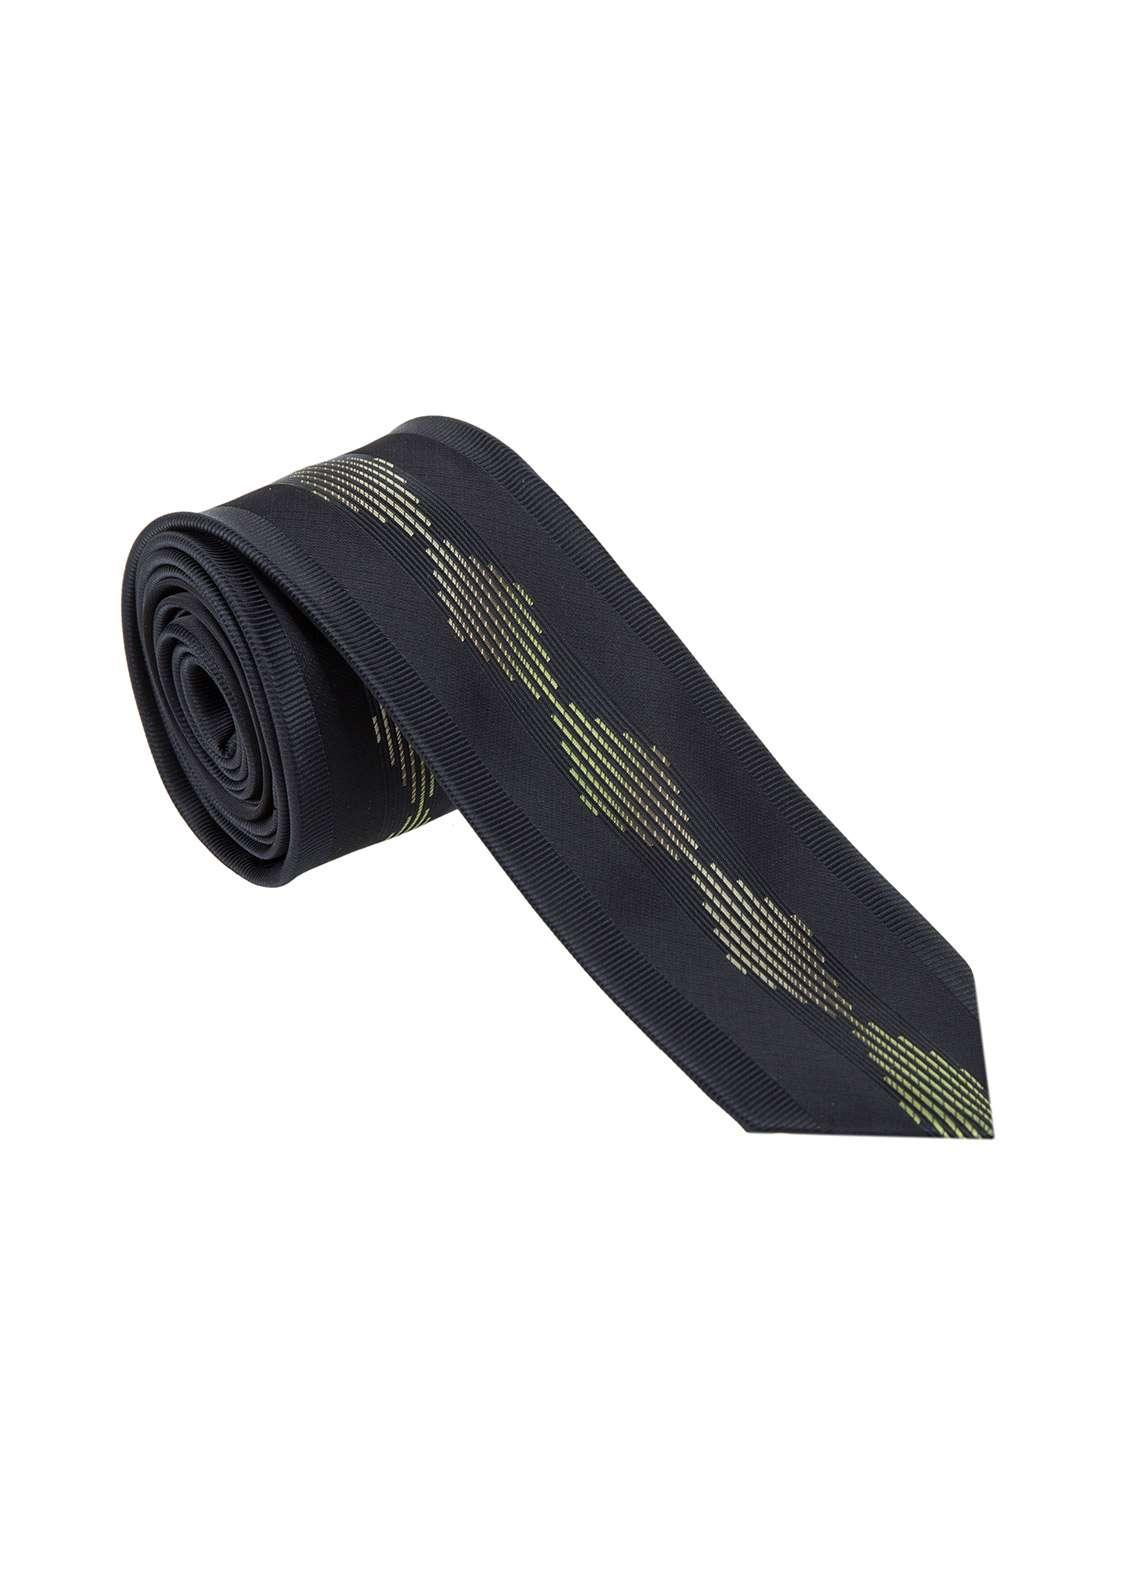 The Gentlemen's Club Golden Printed Silk Tie for Men